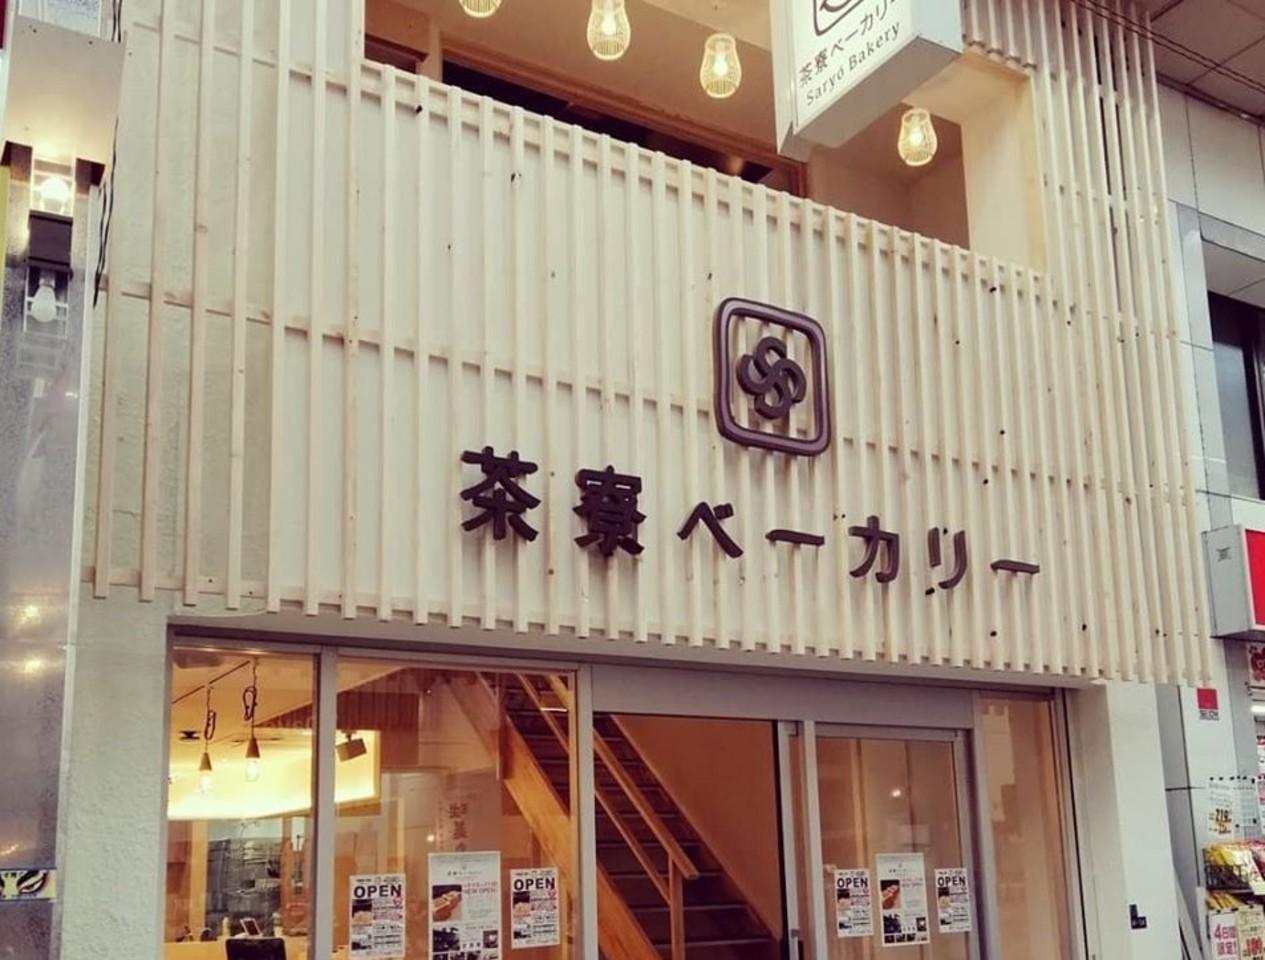 神楽坂茶寮プロデュース...東京都品川区武蔵小山商店街のベーカリーカフェ「茶寮ベーカリー」